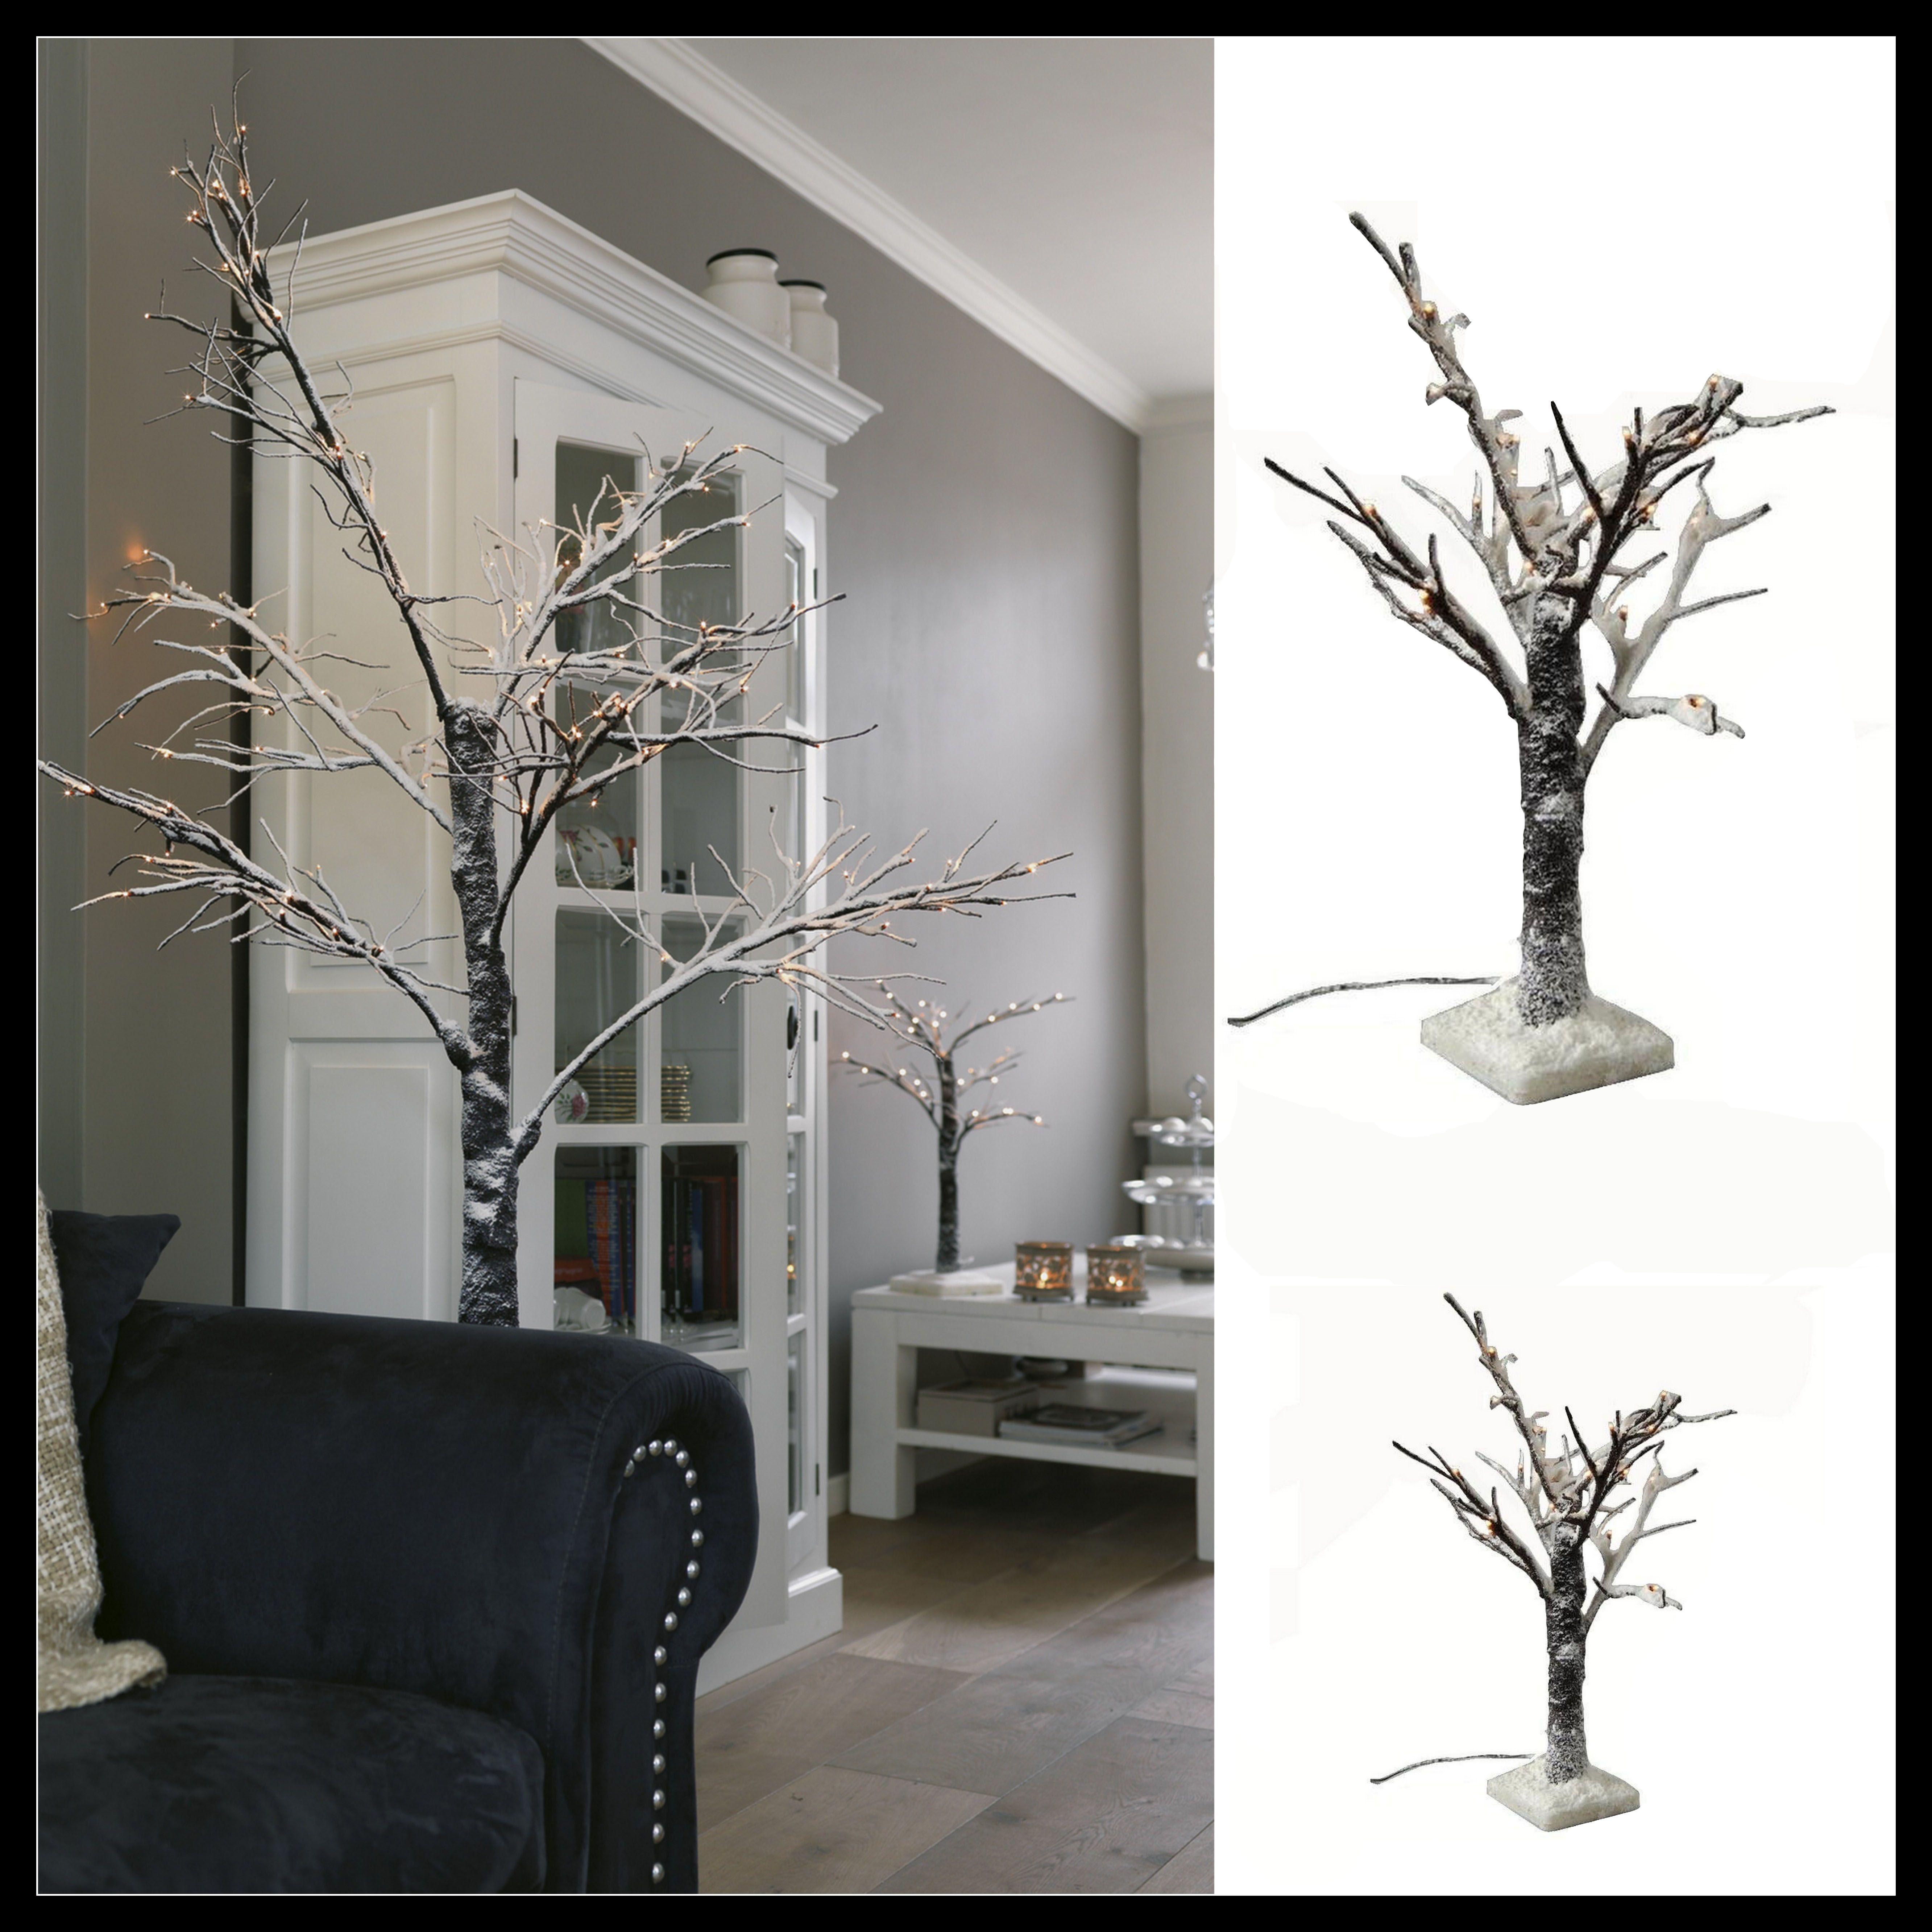 Rbol de navidad original rbol efecto ramas secas sin hojas rbol con luces de navidad rbol - Arbol de navidad nevado artificial ...